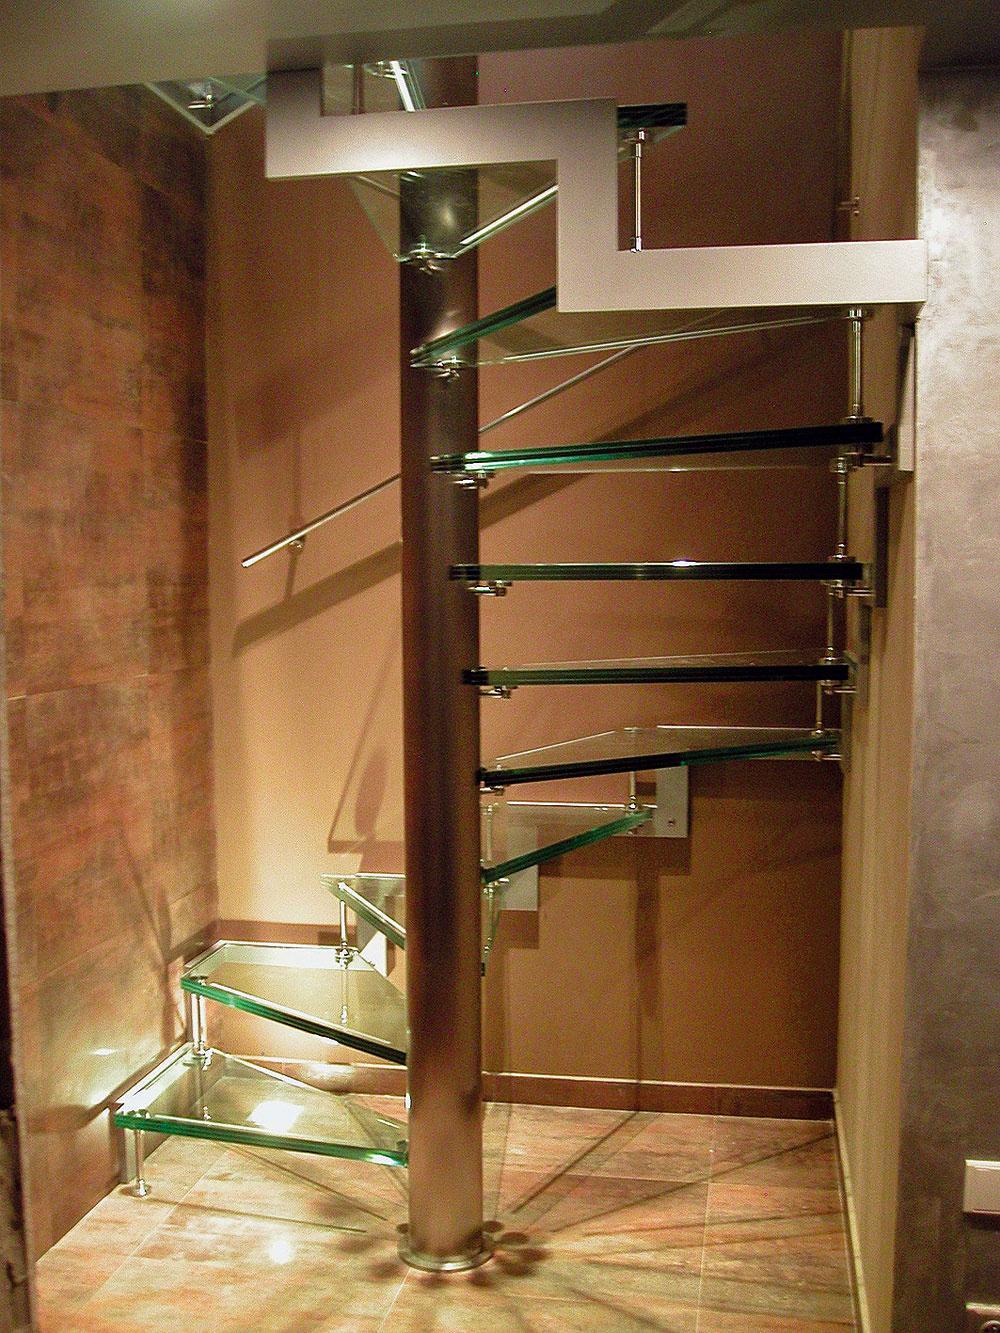 Atypické elegantné vretenové schodisko na štvorcovom pôdoryse. Vreteno avonkajšie schodnice sú zjemne brúseného antikora, nášľapy zvrstveného číreho skla spieskovanými protišmykovými pásikmi. Toto schodisko už nepotrebuje nijaké ďalšie doplnky, samo osebe sa stalo ozdobou interiéru.